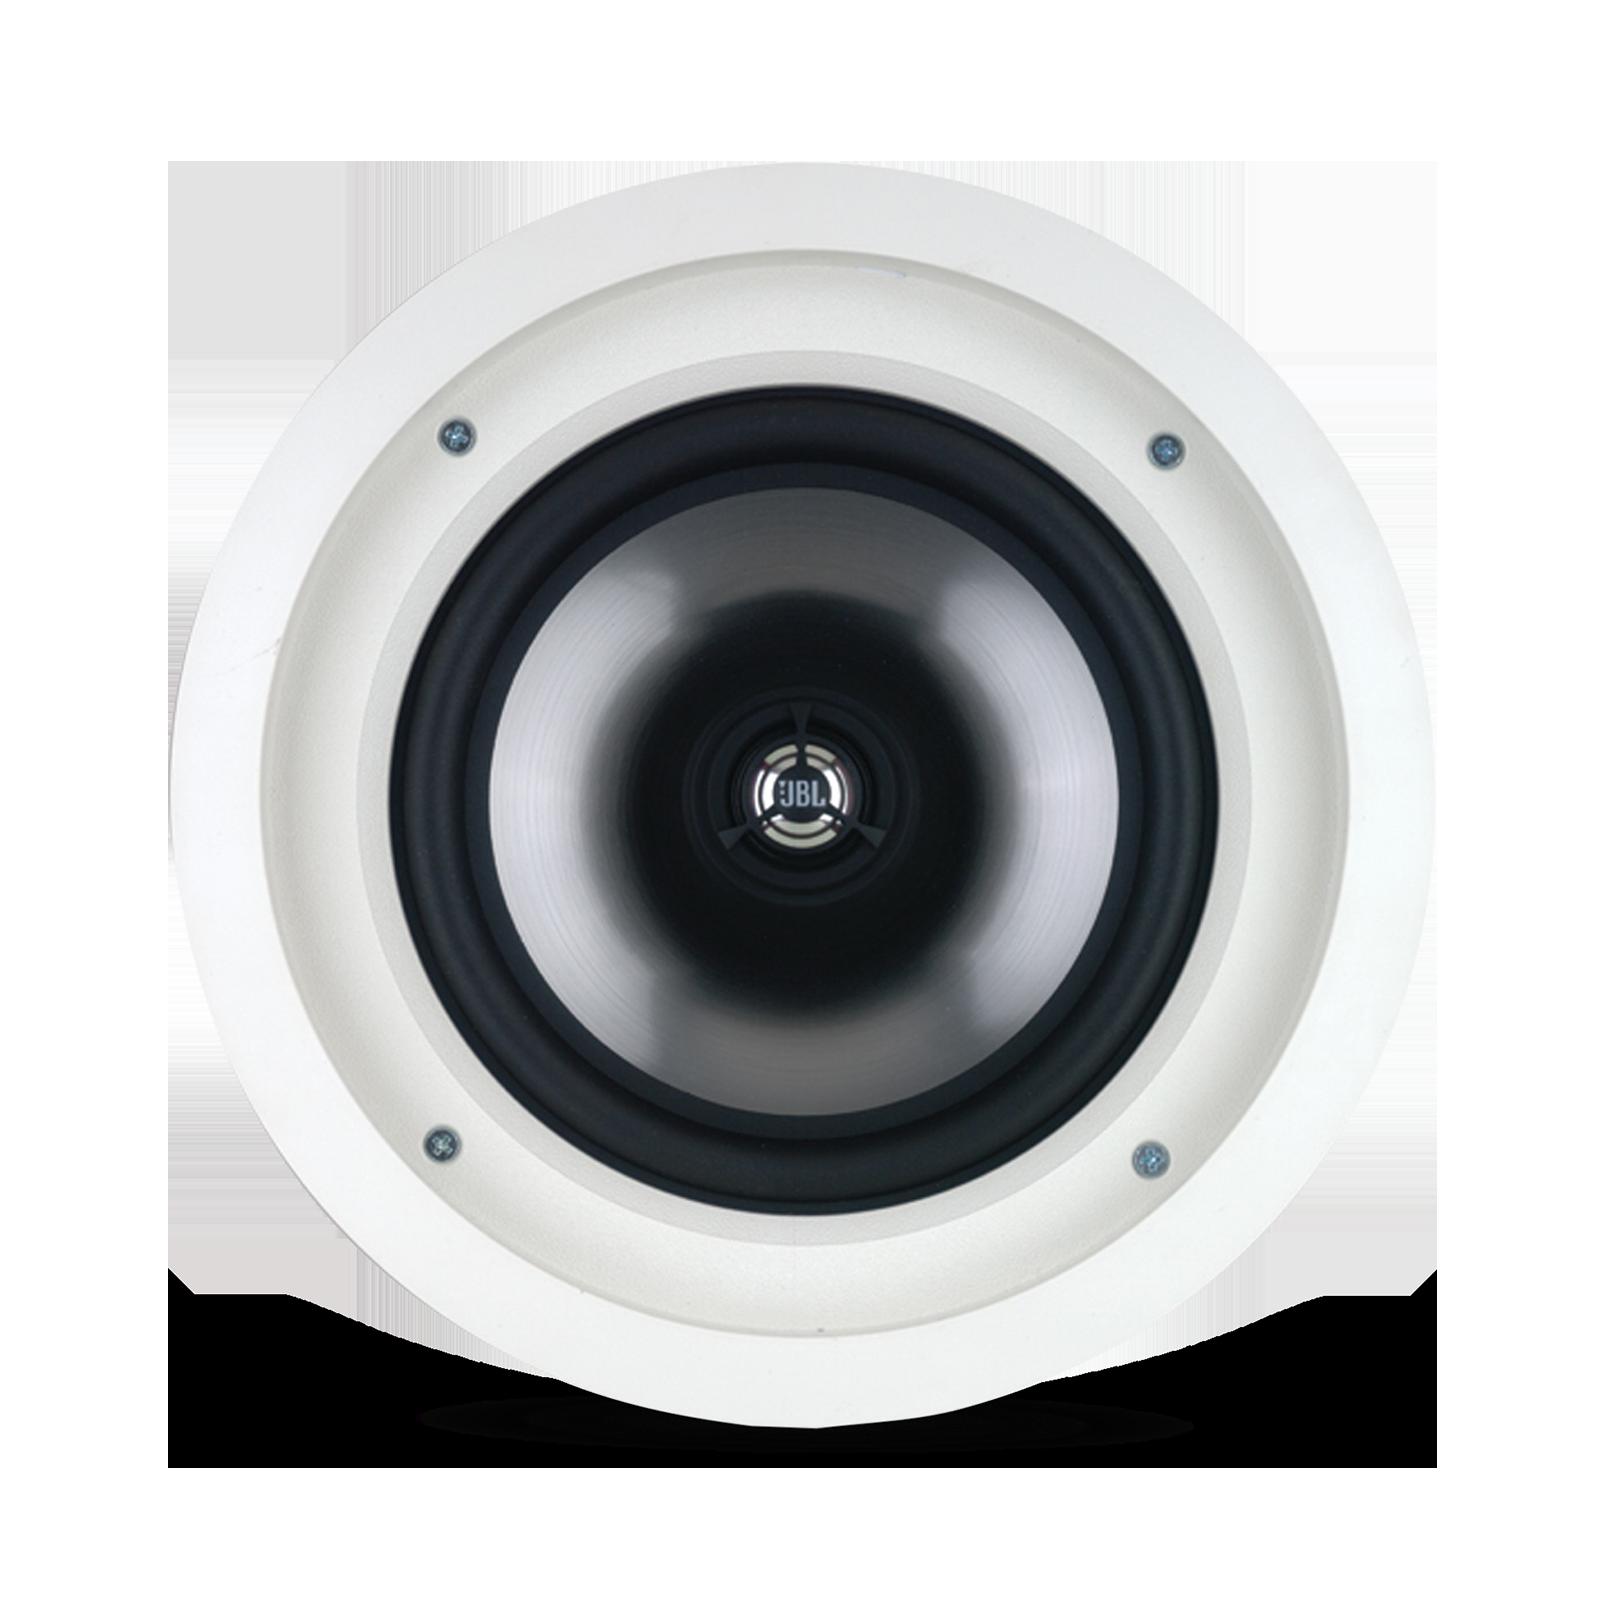 jbl sp8cii 8 in ceiling speaker review - pranksenders